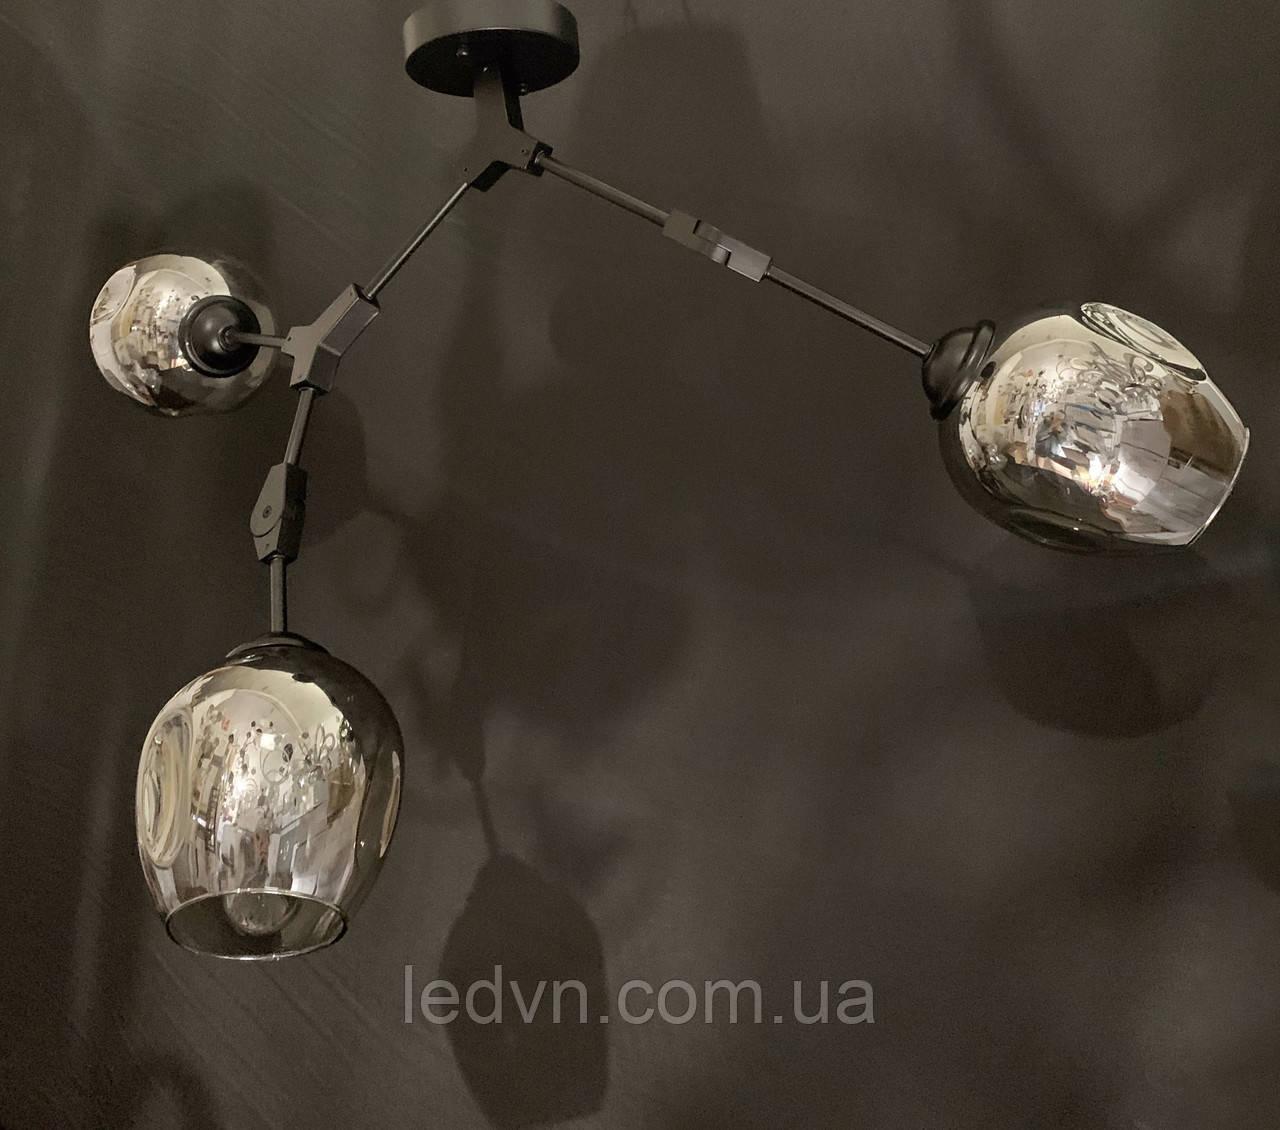 Люстра-трансформер в стиле лофт молекула на 3 лампы